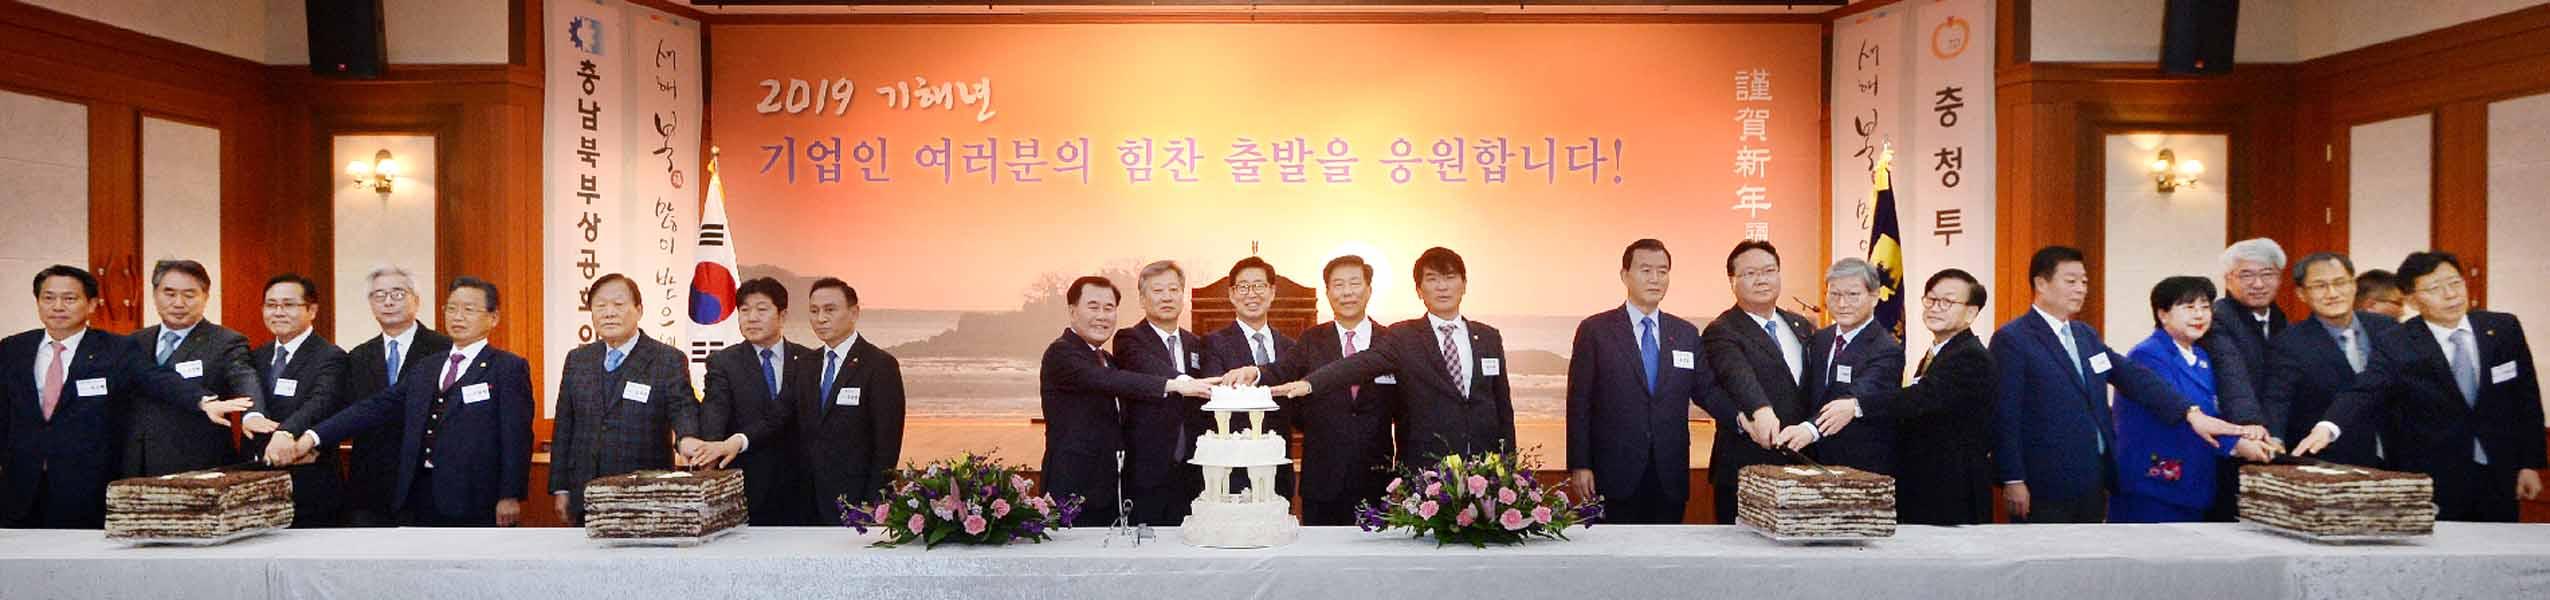 """2019 충남경제계신년교례회 성료 """"충남 경제 혁신으로 재도약 다짐"""""""